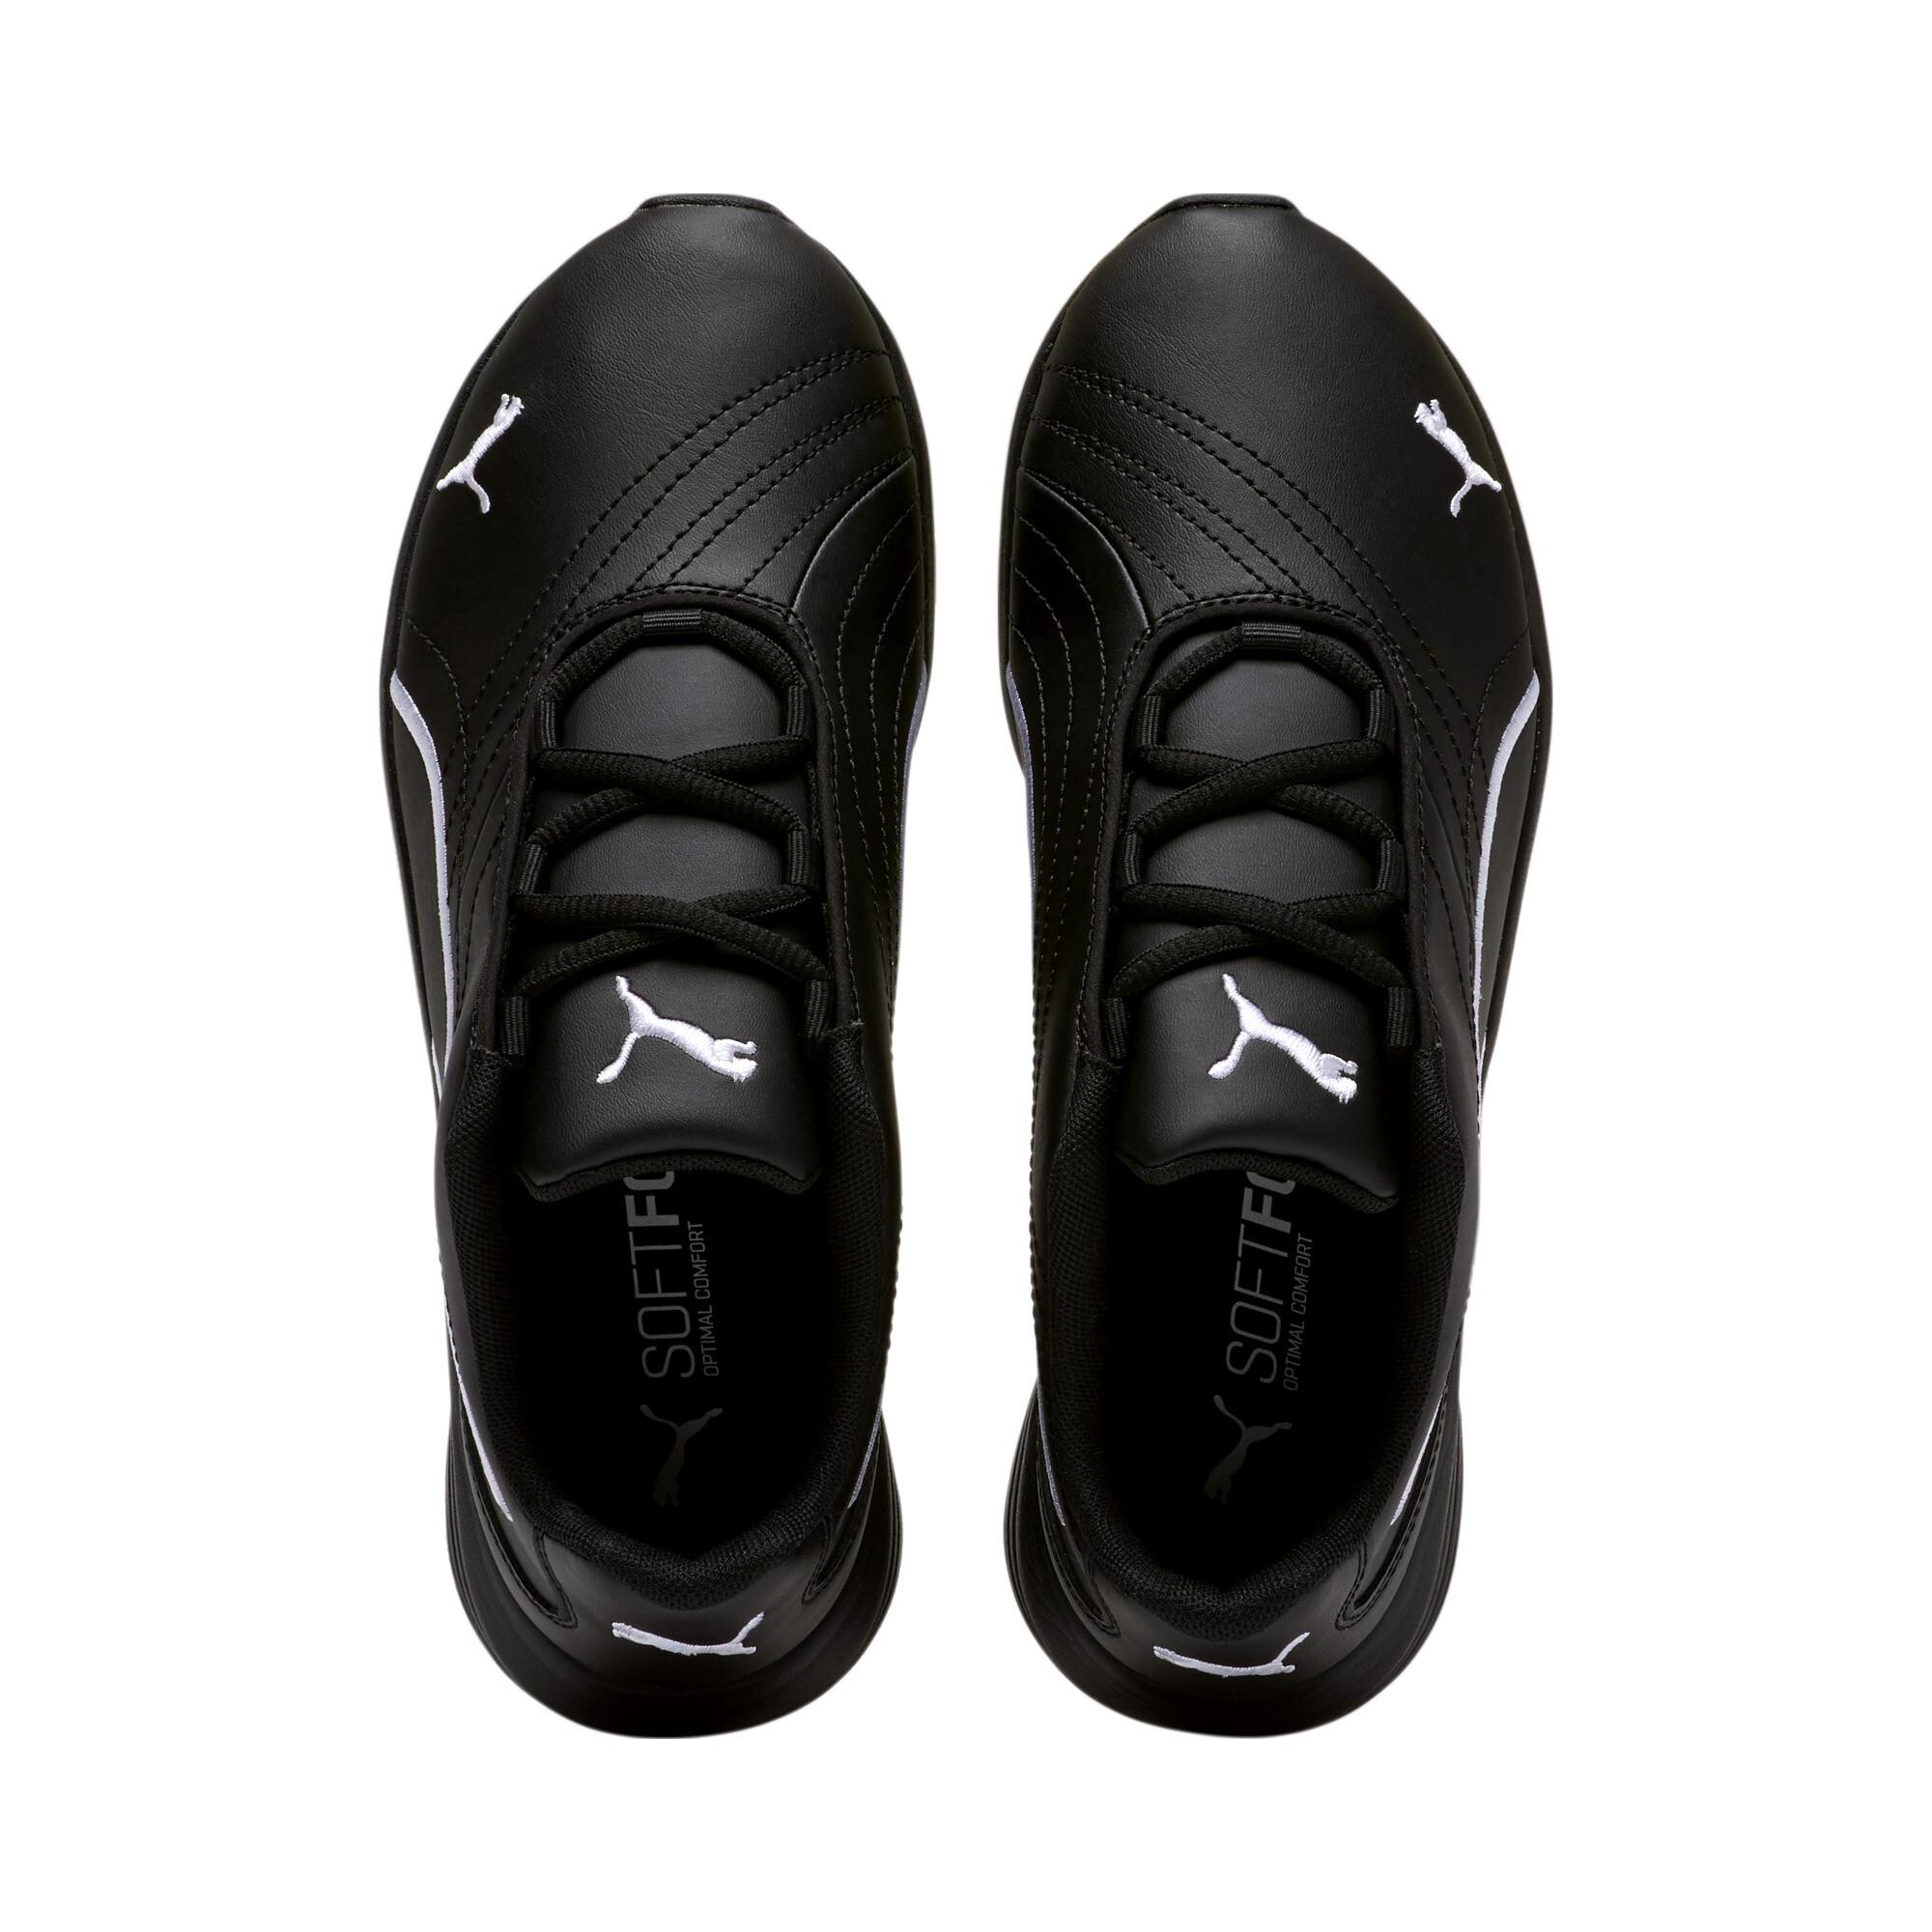 PUMA-Women-039-s-Ella-Lace-Up-Shoes thumbnail 13